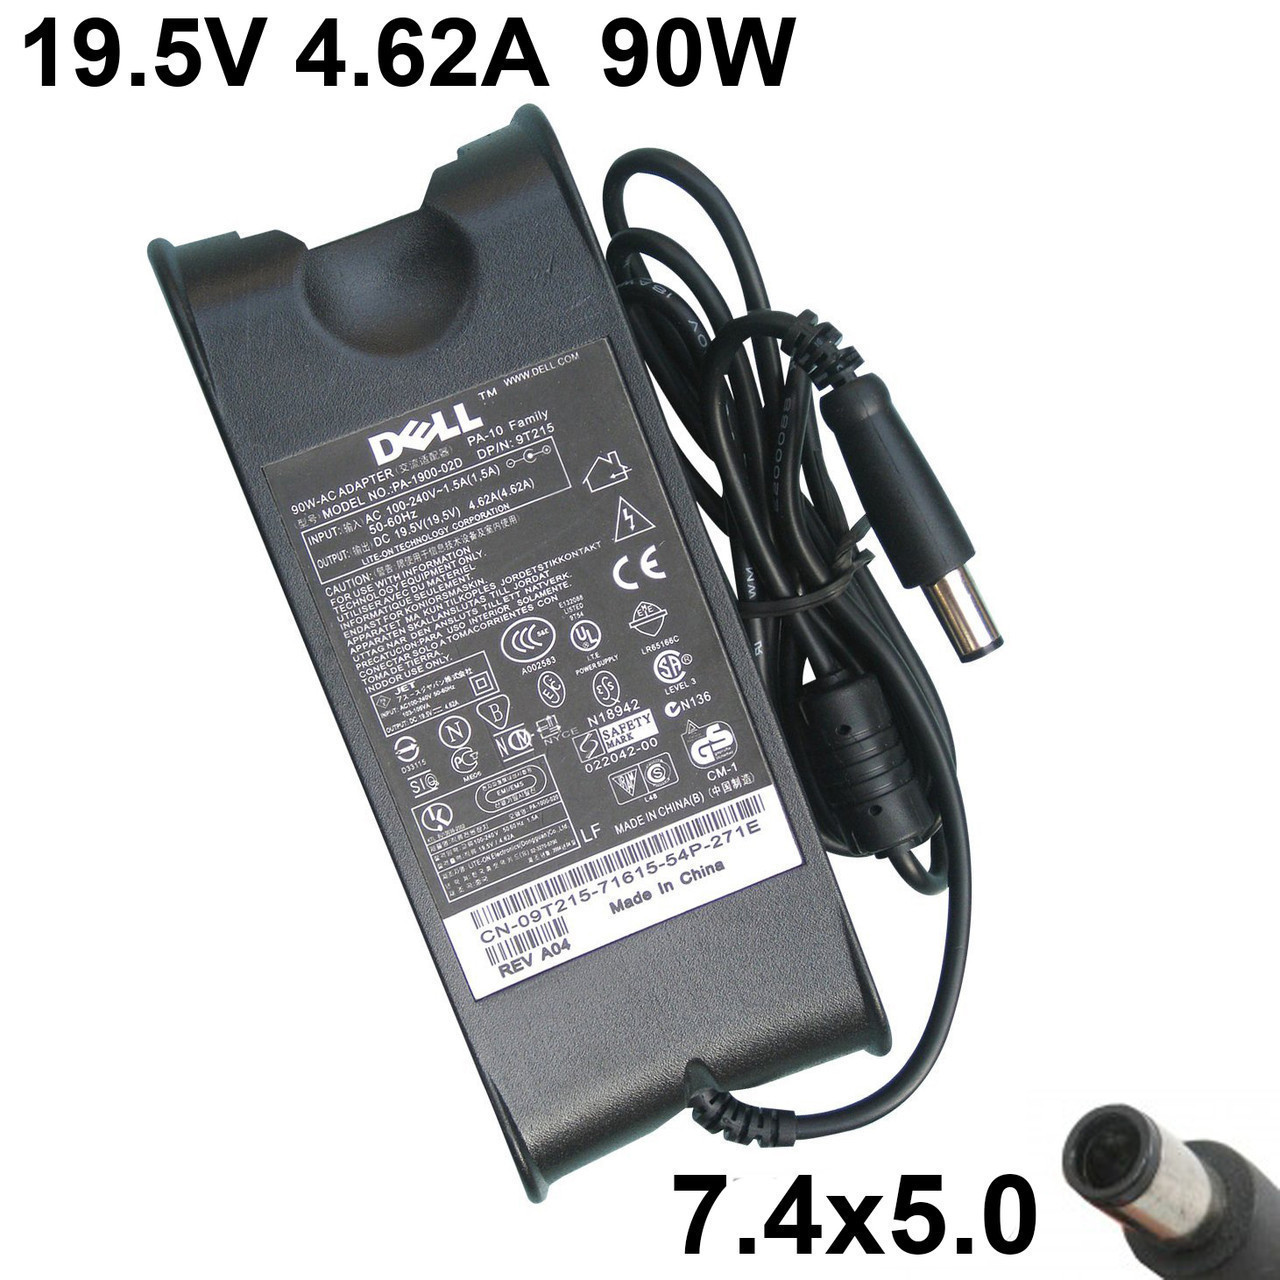 Блок питания для ноутбука зарядное устройство Dell Studio XPS 13, XPS 1340, XPS 16, XPS 1640, XPS 1645